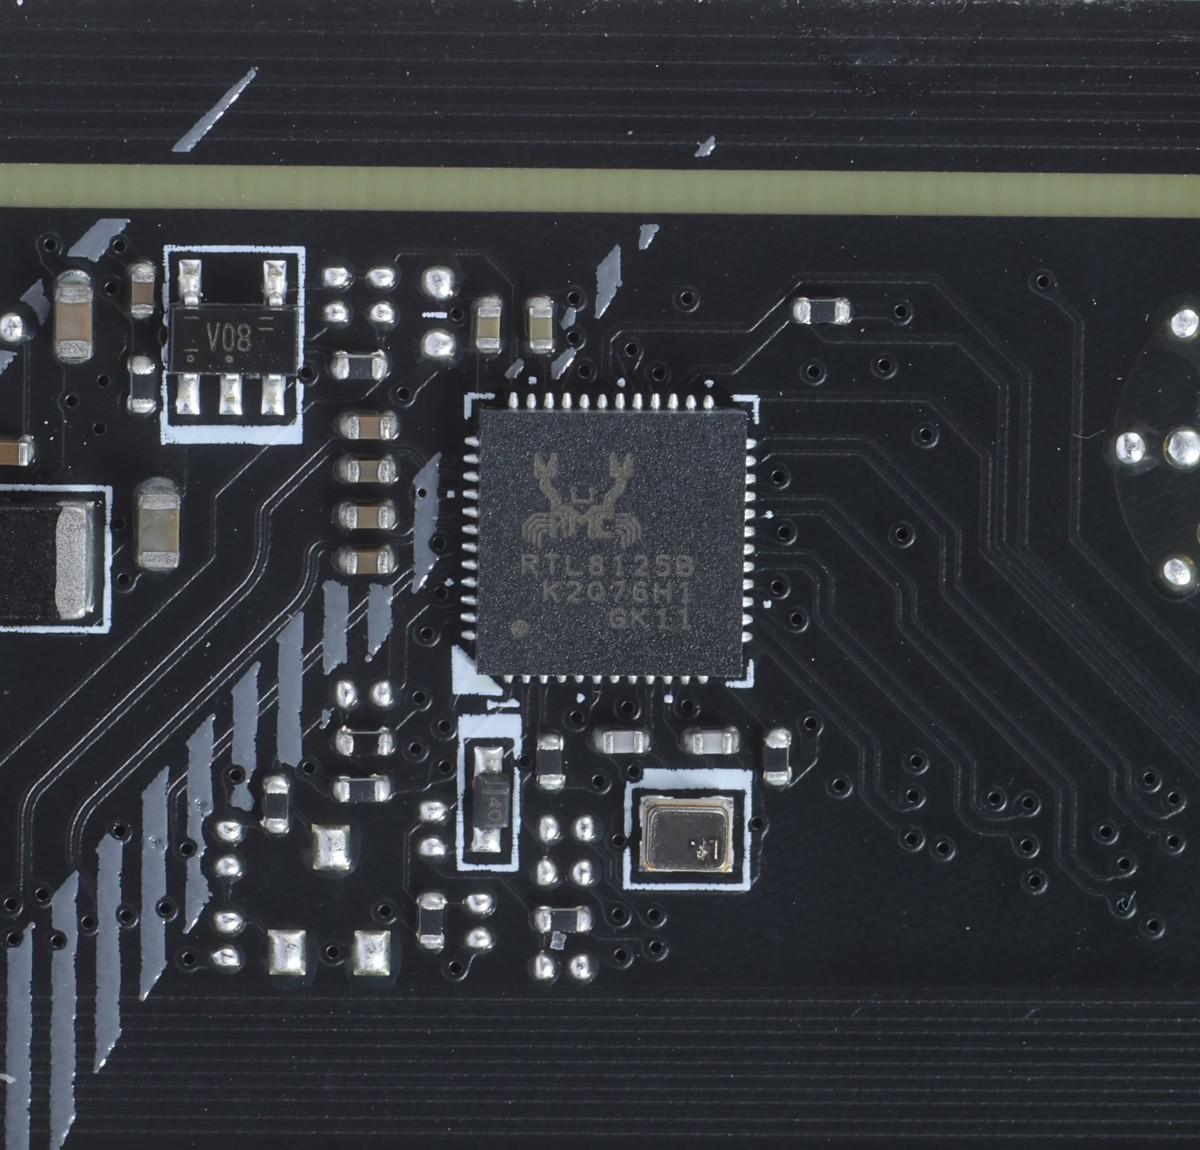 改用較平的 Realtek RTL8125B-CG 2.5Gb LAN 晶片